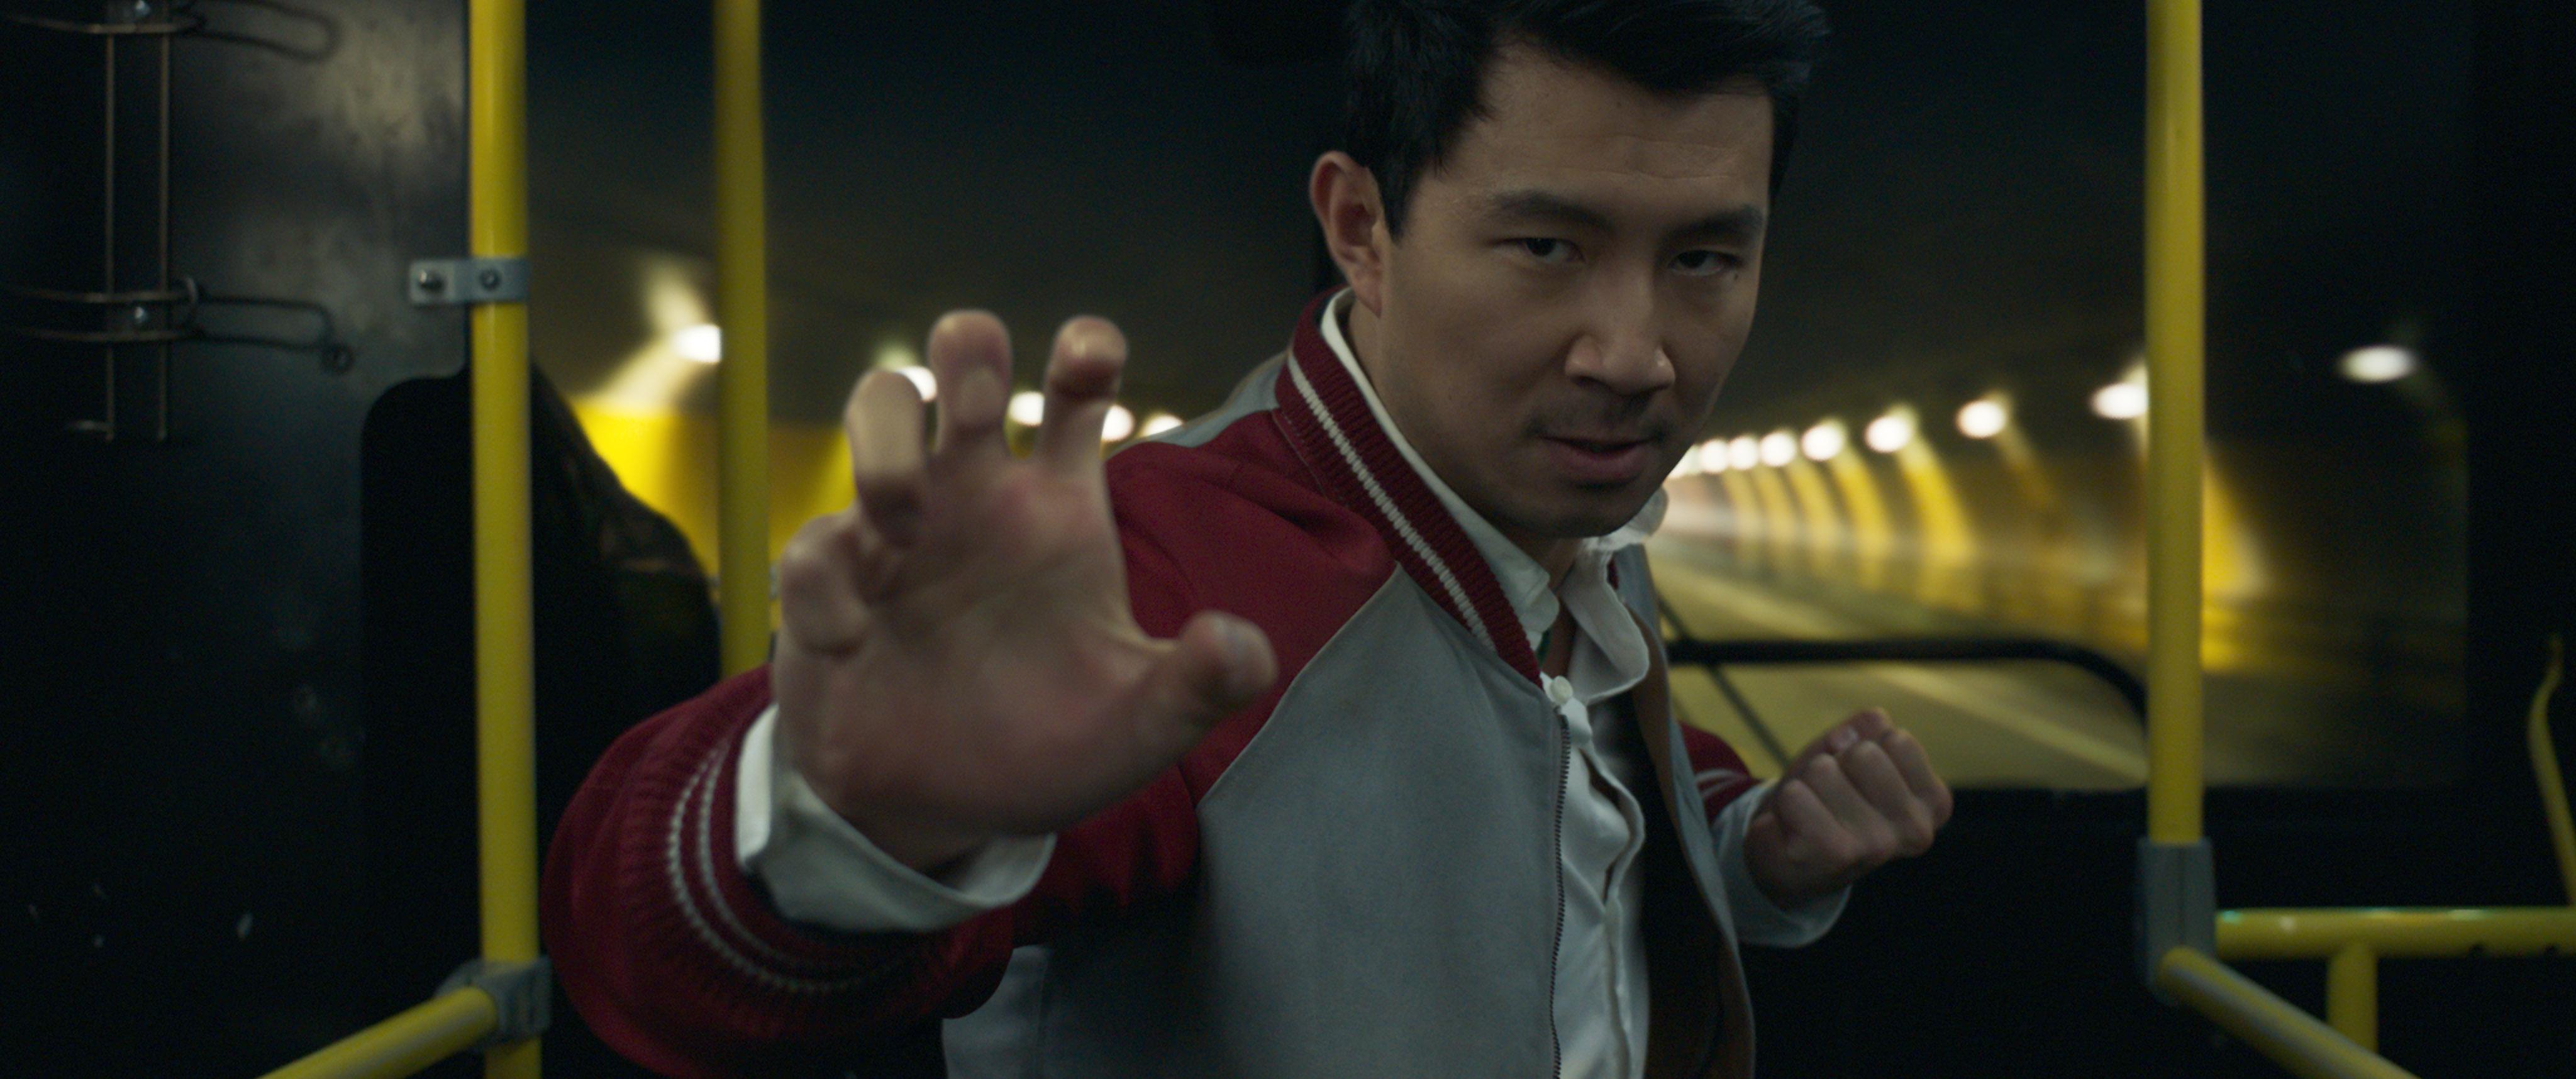 Actor Simu Liu in a fighting pose.